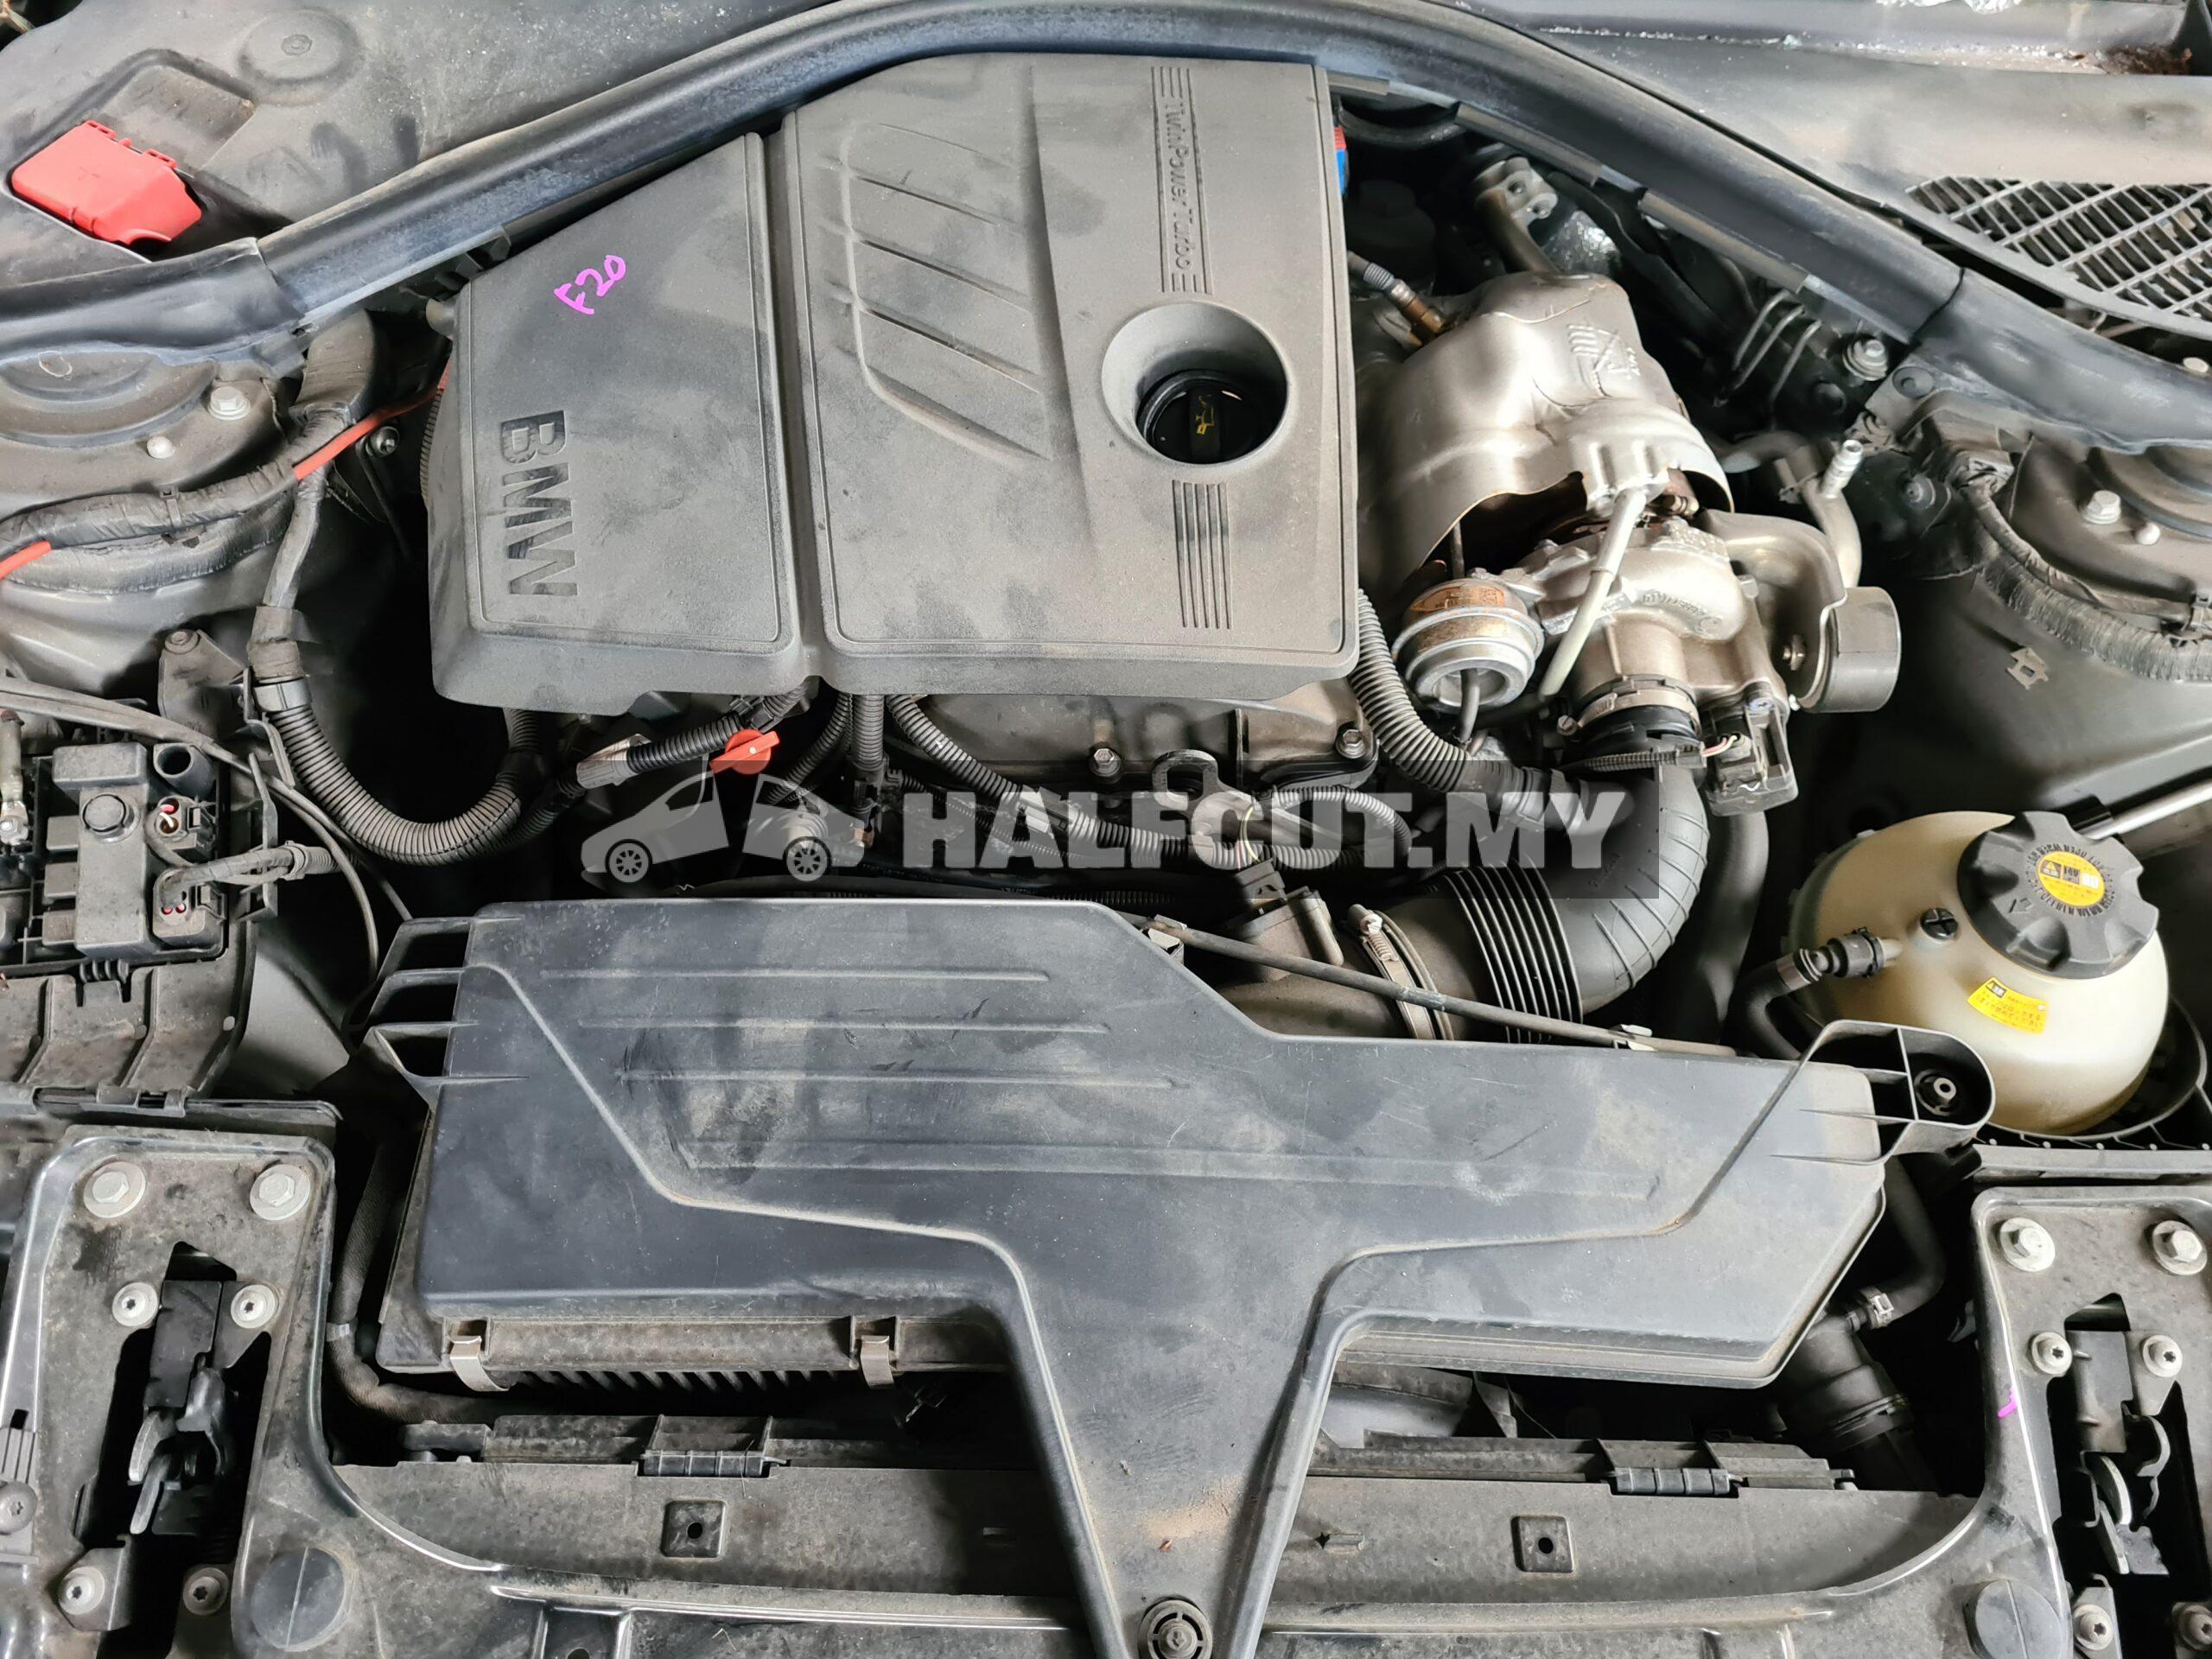 BMW F20 half cut